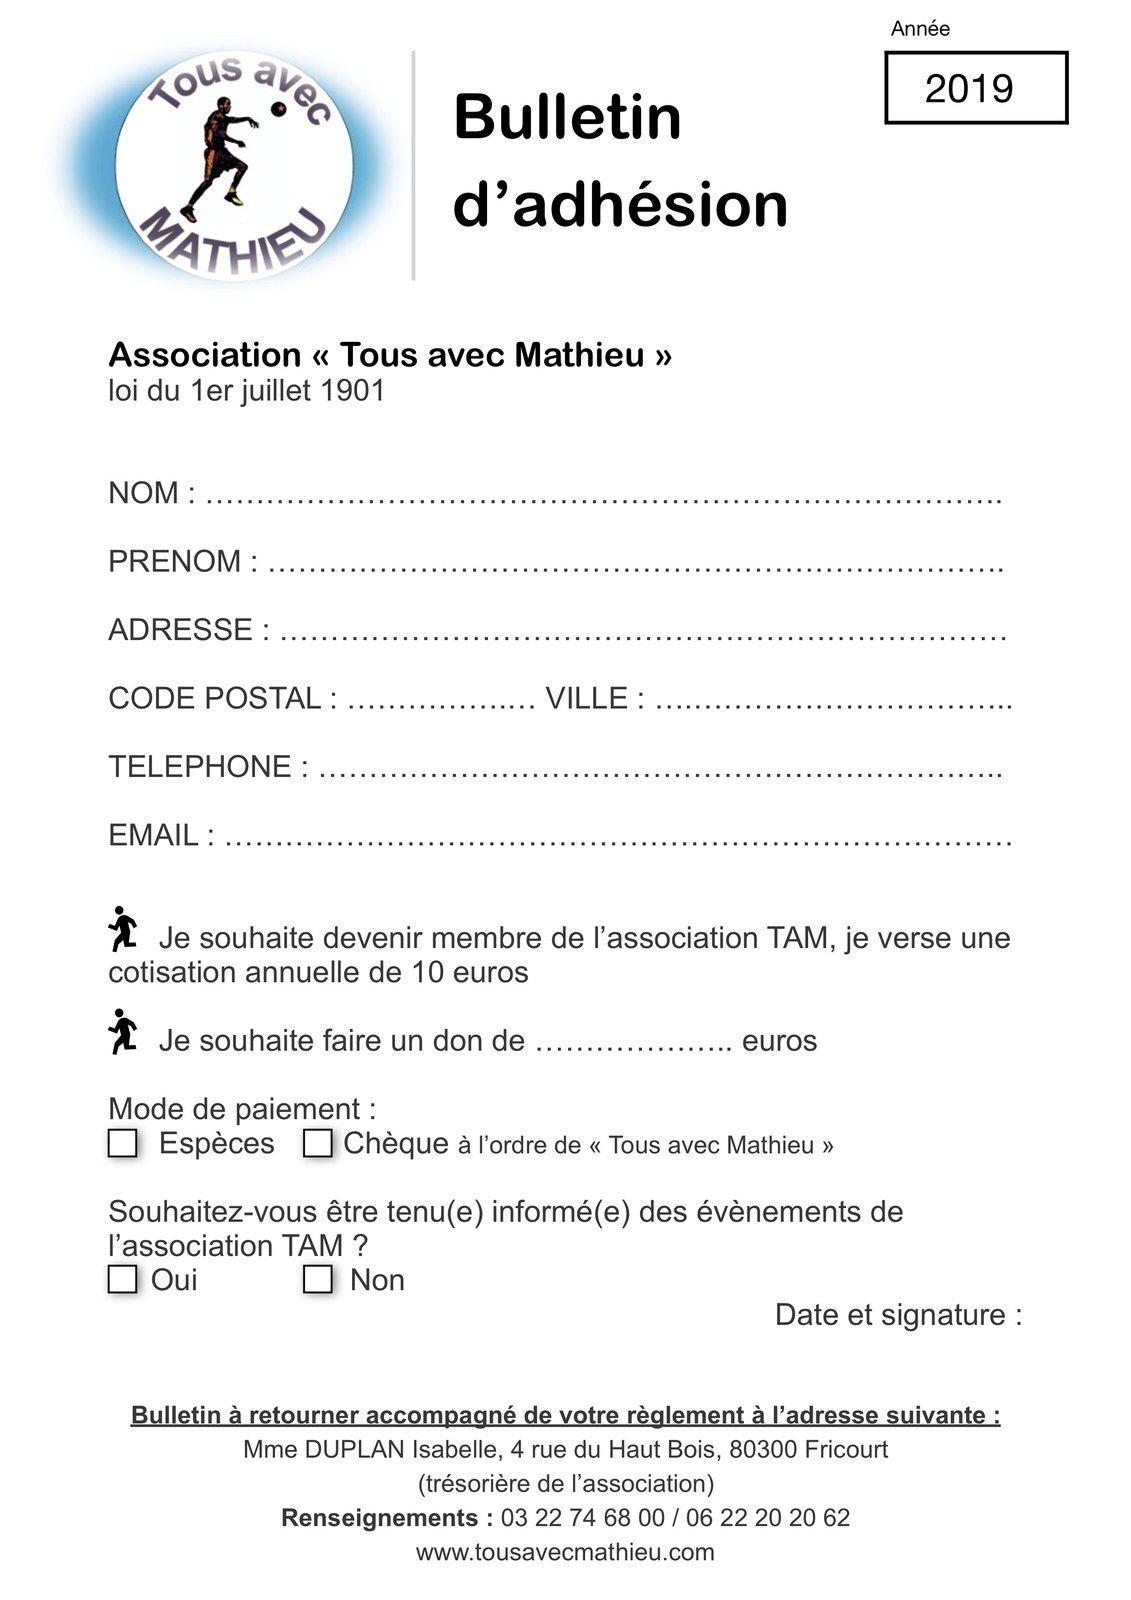 Adhésion en ligne Tous avec Mathieu : c'est désormais possible